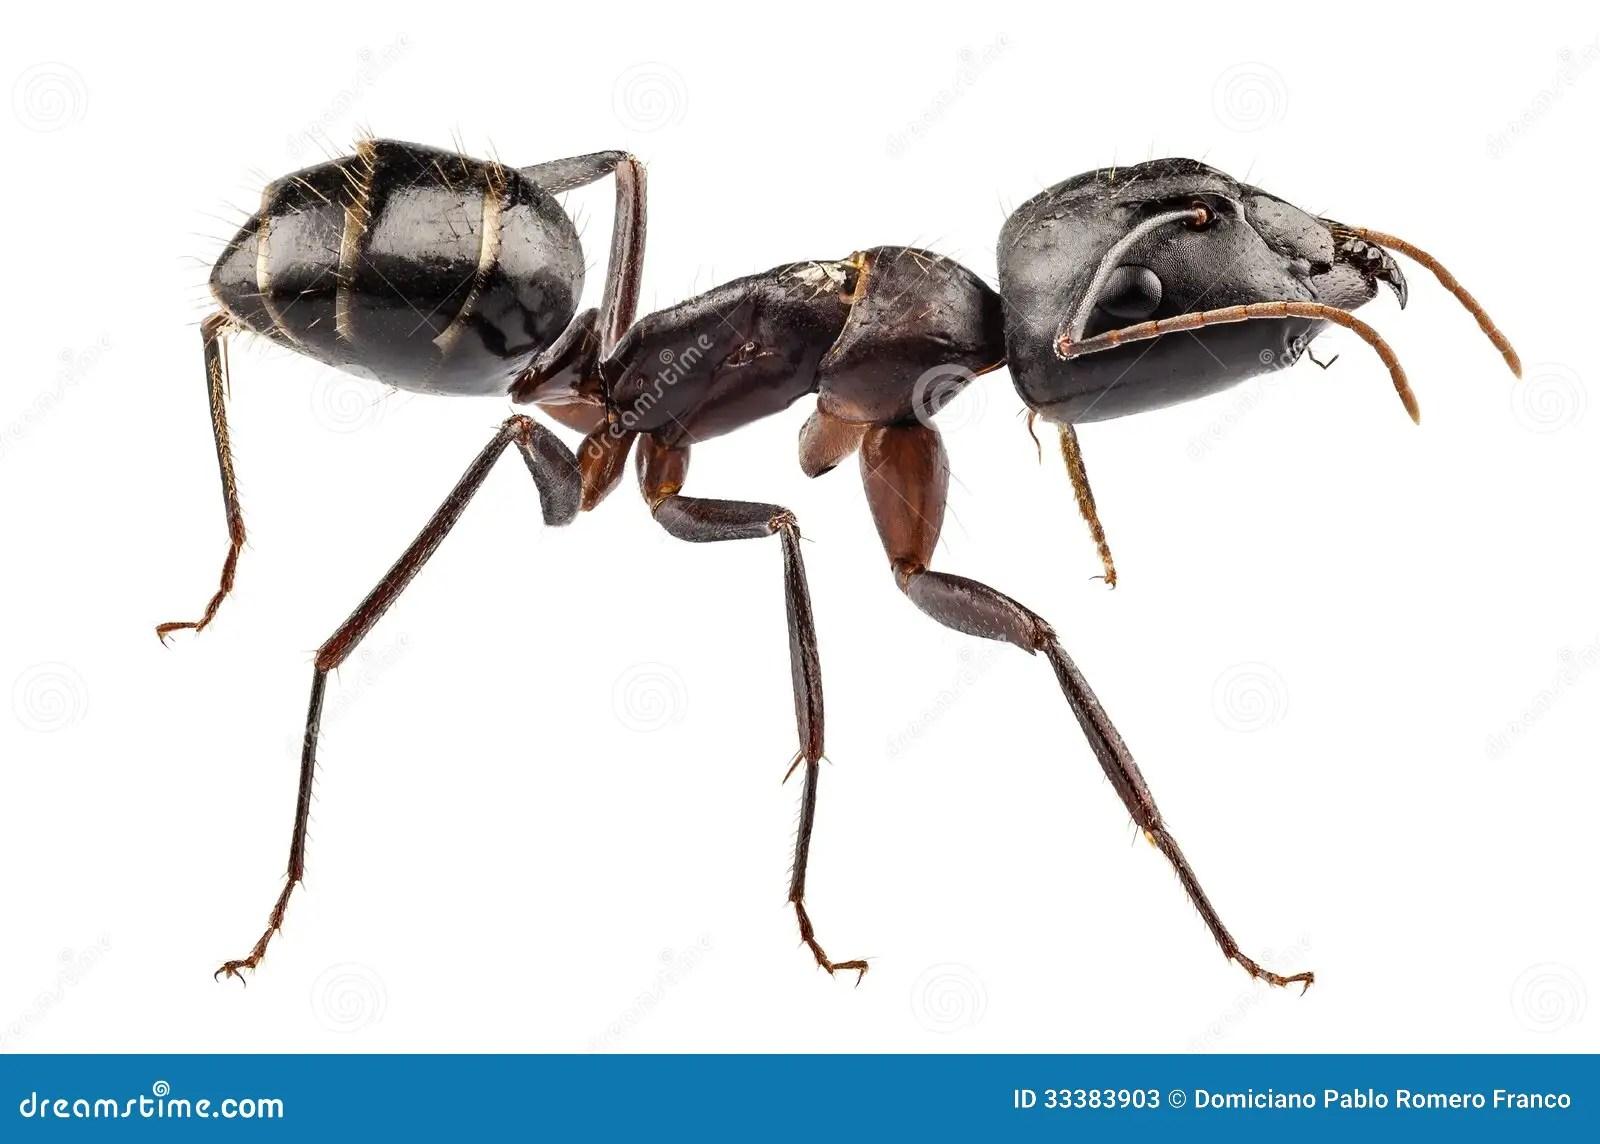 Carpenter Ant Species Camponotus Vagus Stock Photos